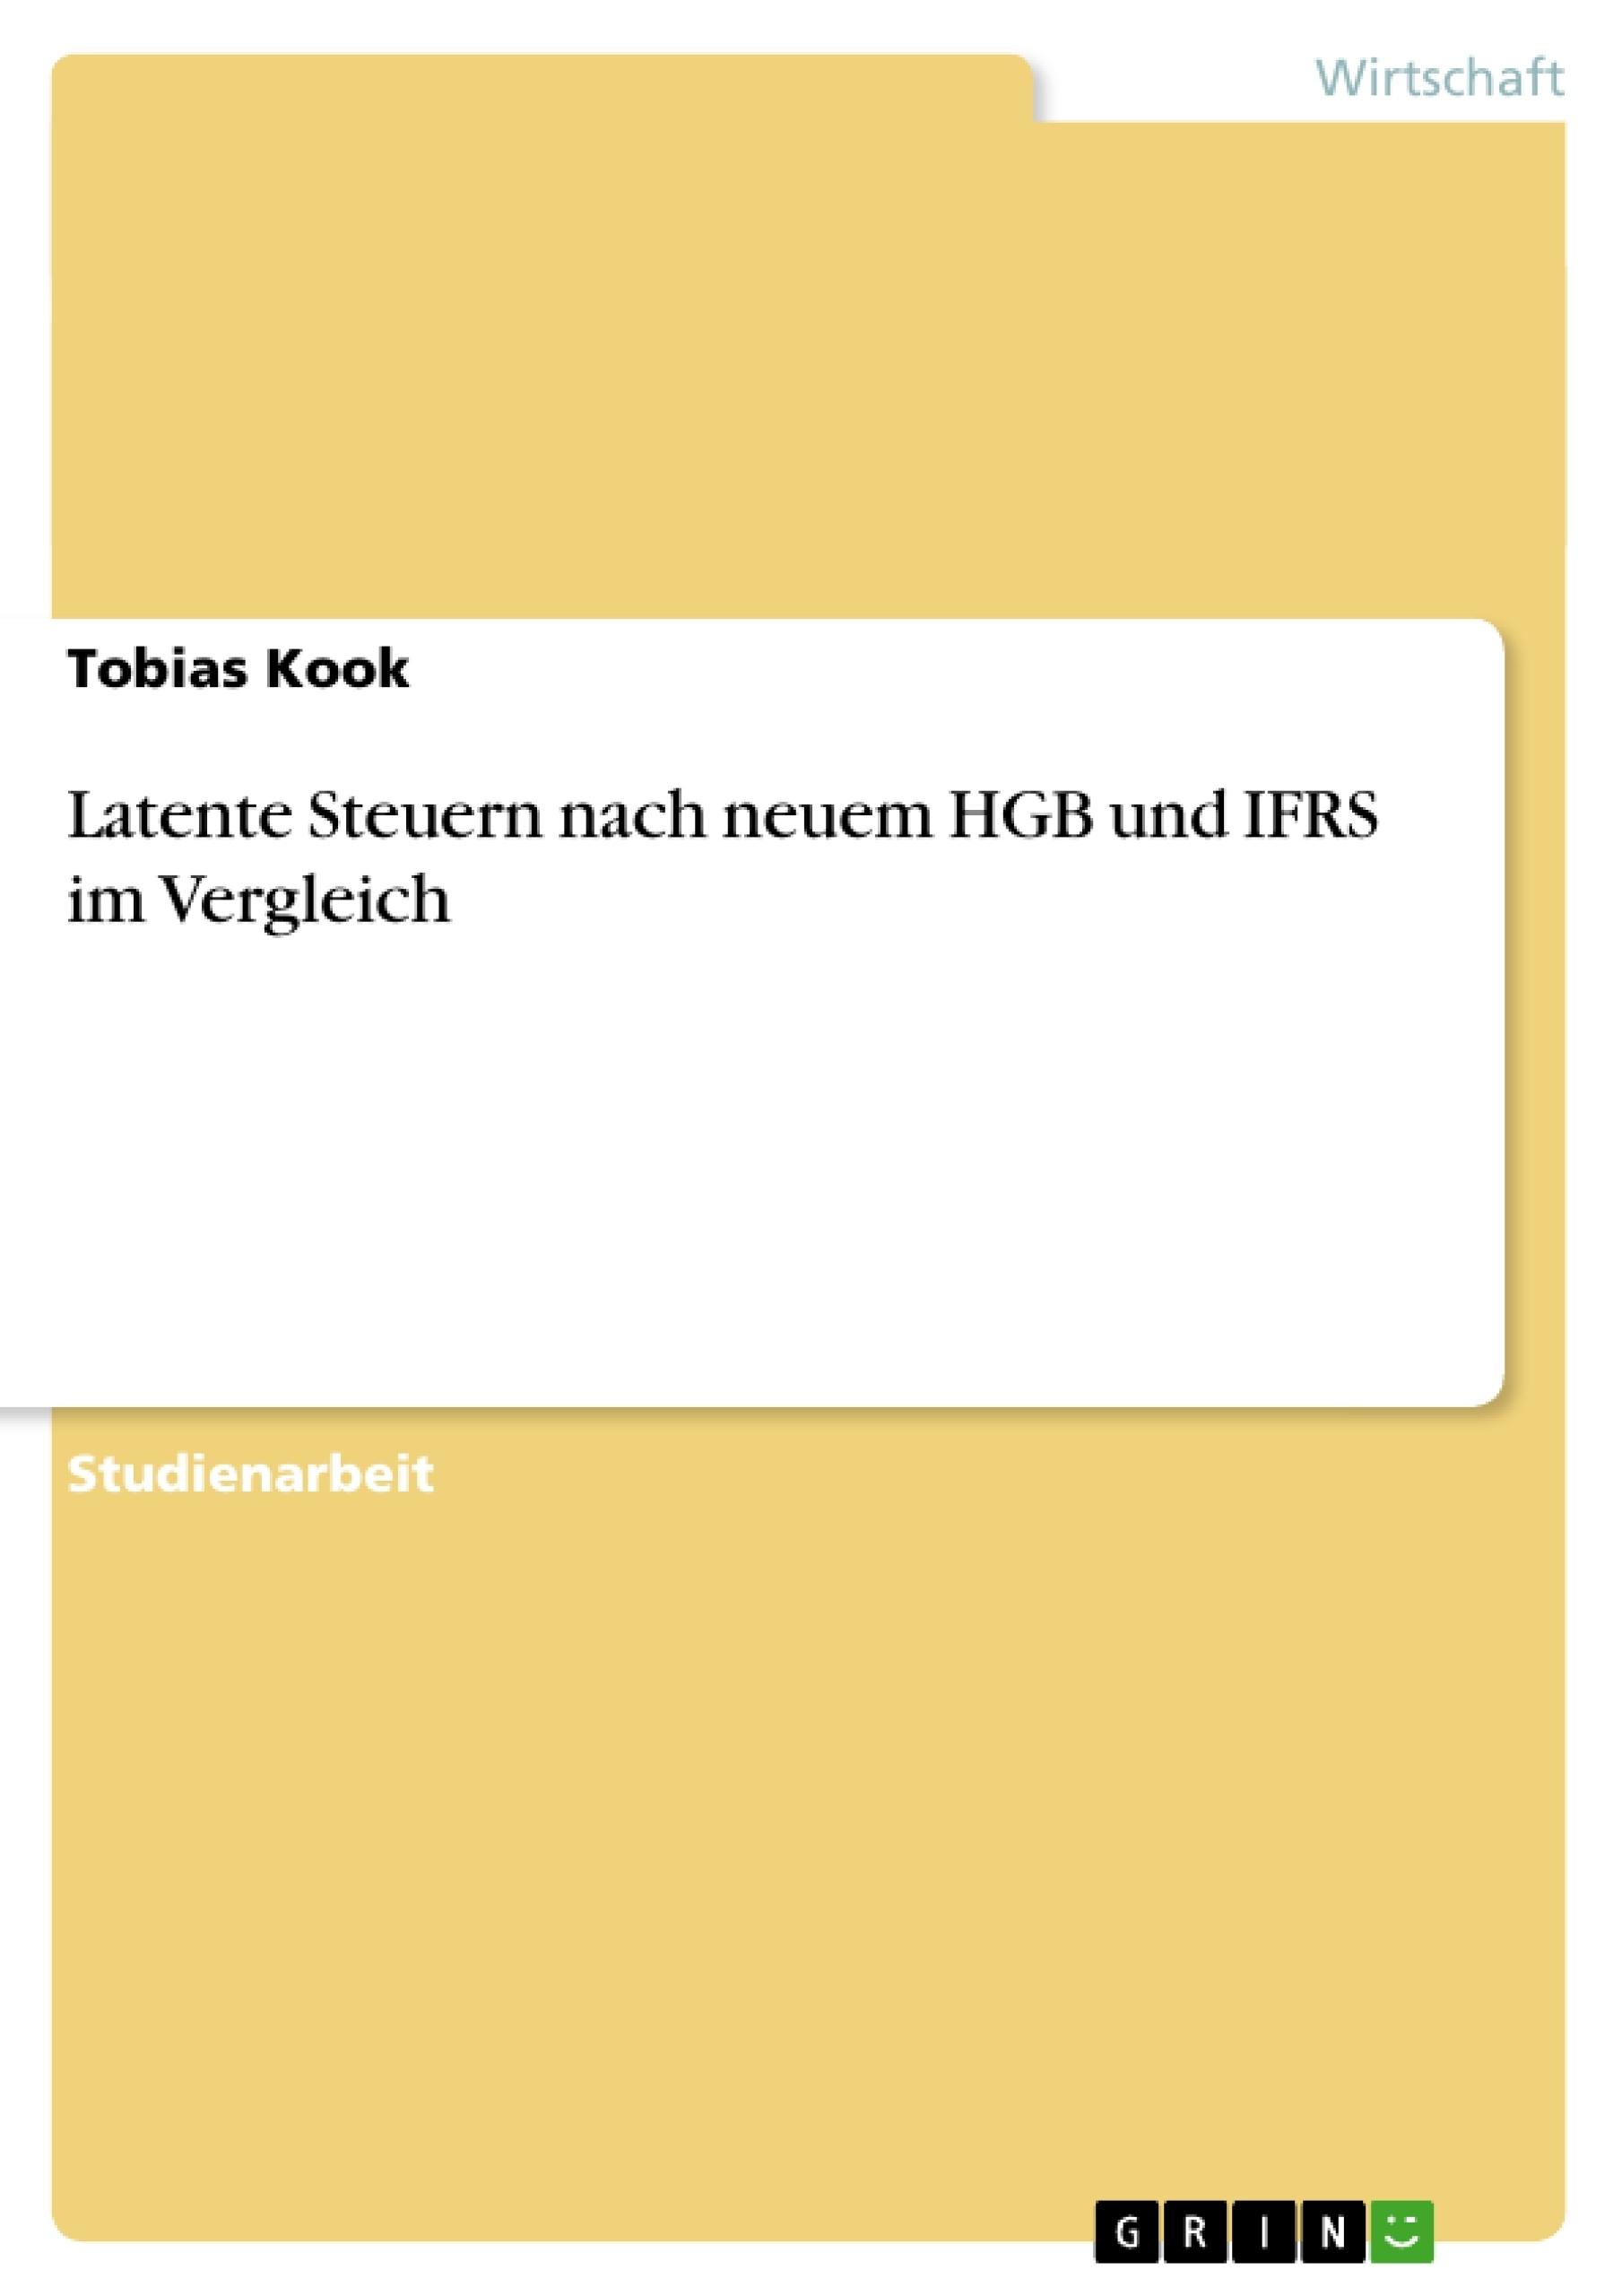 Titel: Latente Steuern nach neuem HGB und IFRS im Vergleich